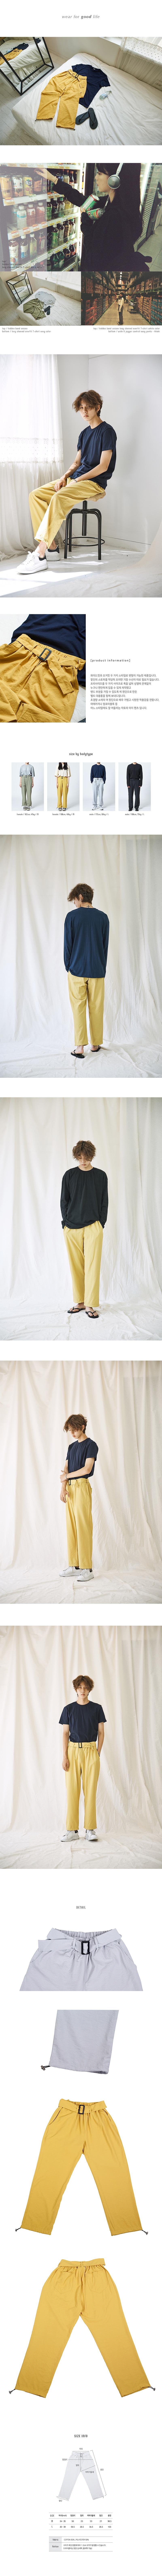 [자토] 와이드 & 조거 변형 유니섹스 이지팬츠 - mustard